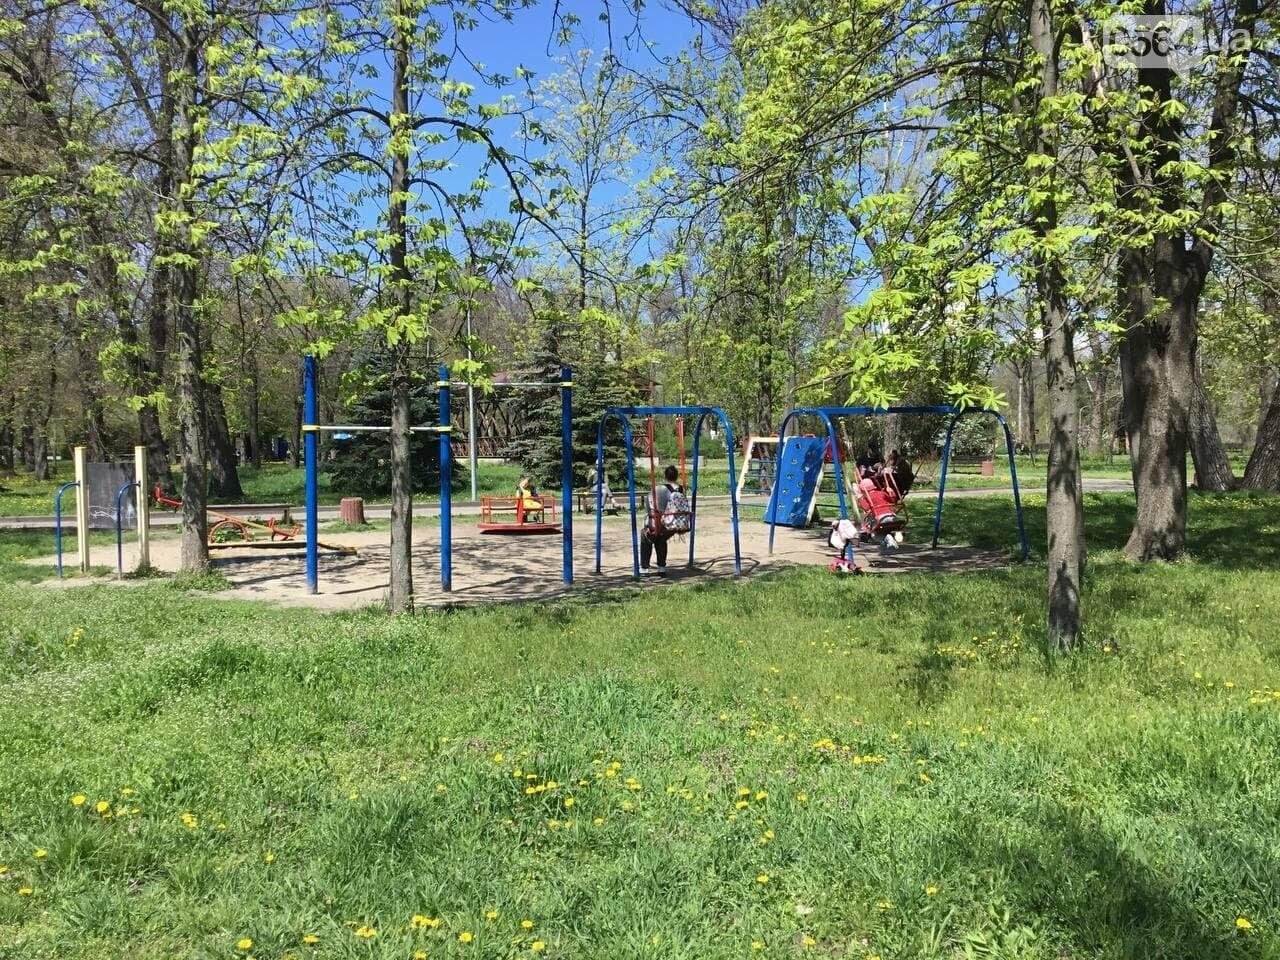 Прогулки, фотосессии, отдых на природе, - как криворожане провели первые дни мая, - ФОТО, ВИДЕО, фото-20